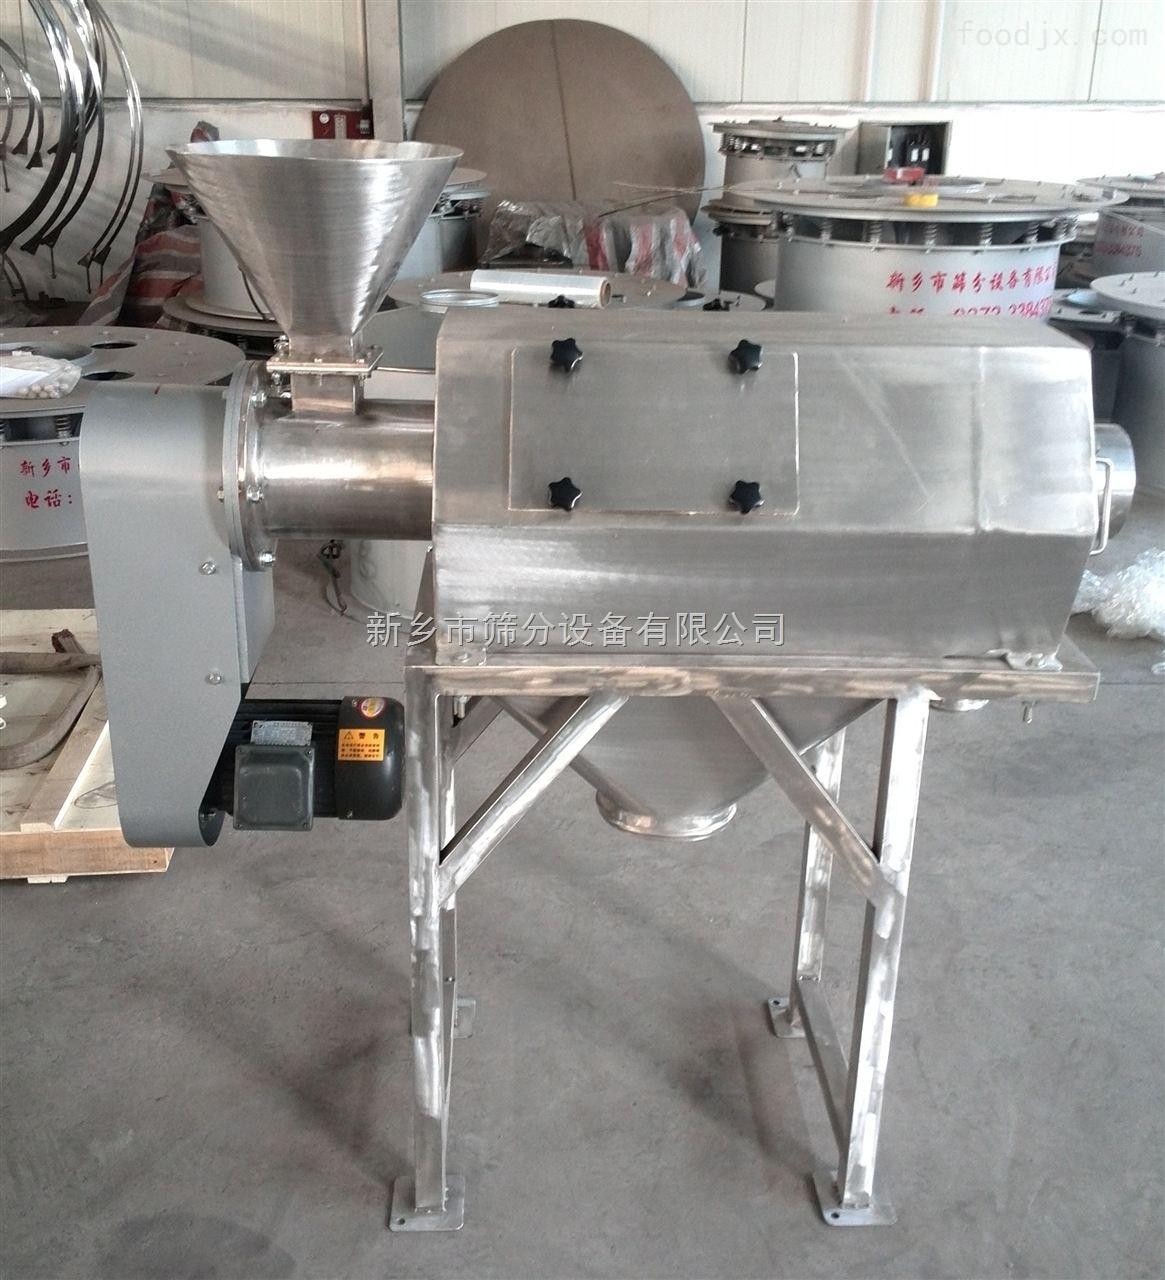 QXS-300厂家供应纤维多物料筛分机,卧式气旋筛,硅粉旋转筛,振动筛厂家